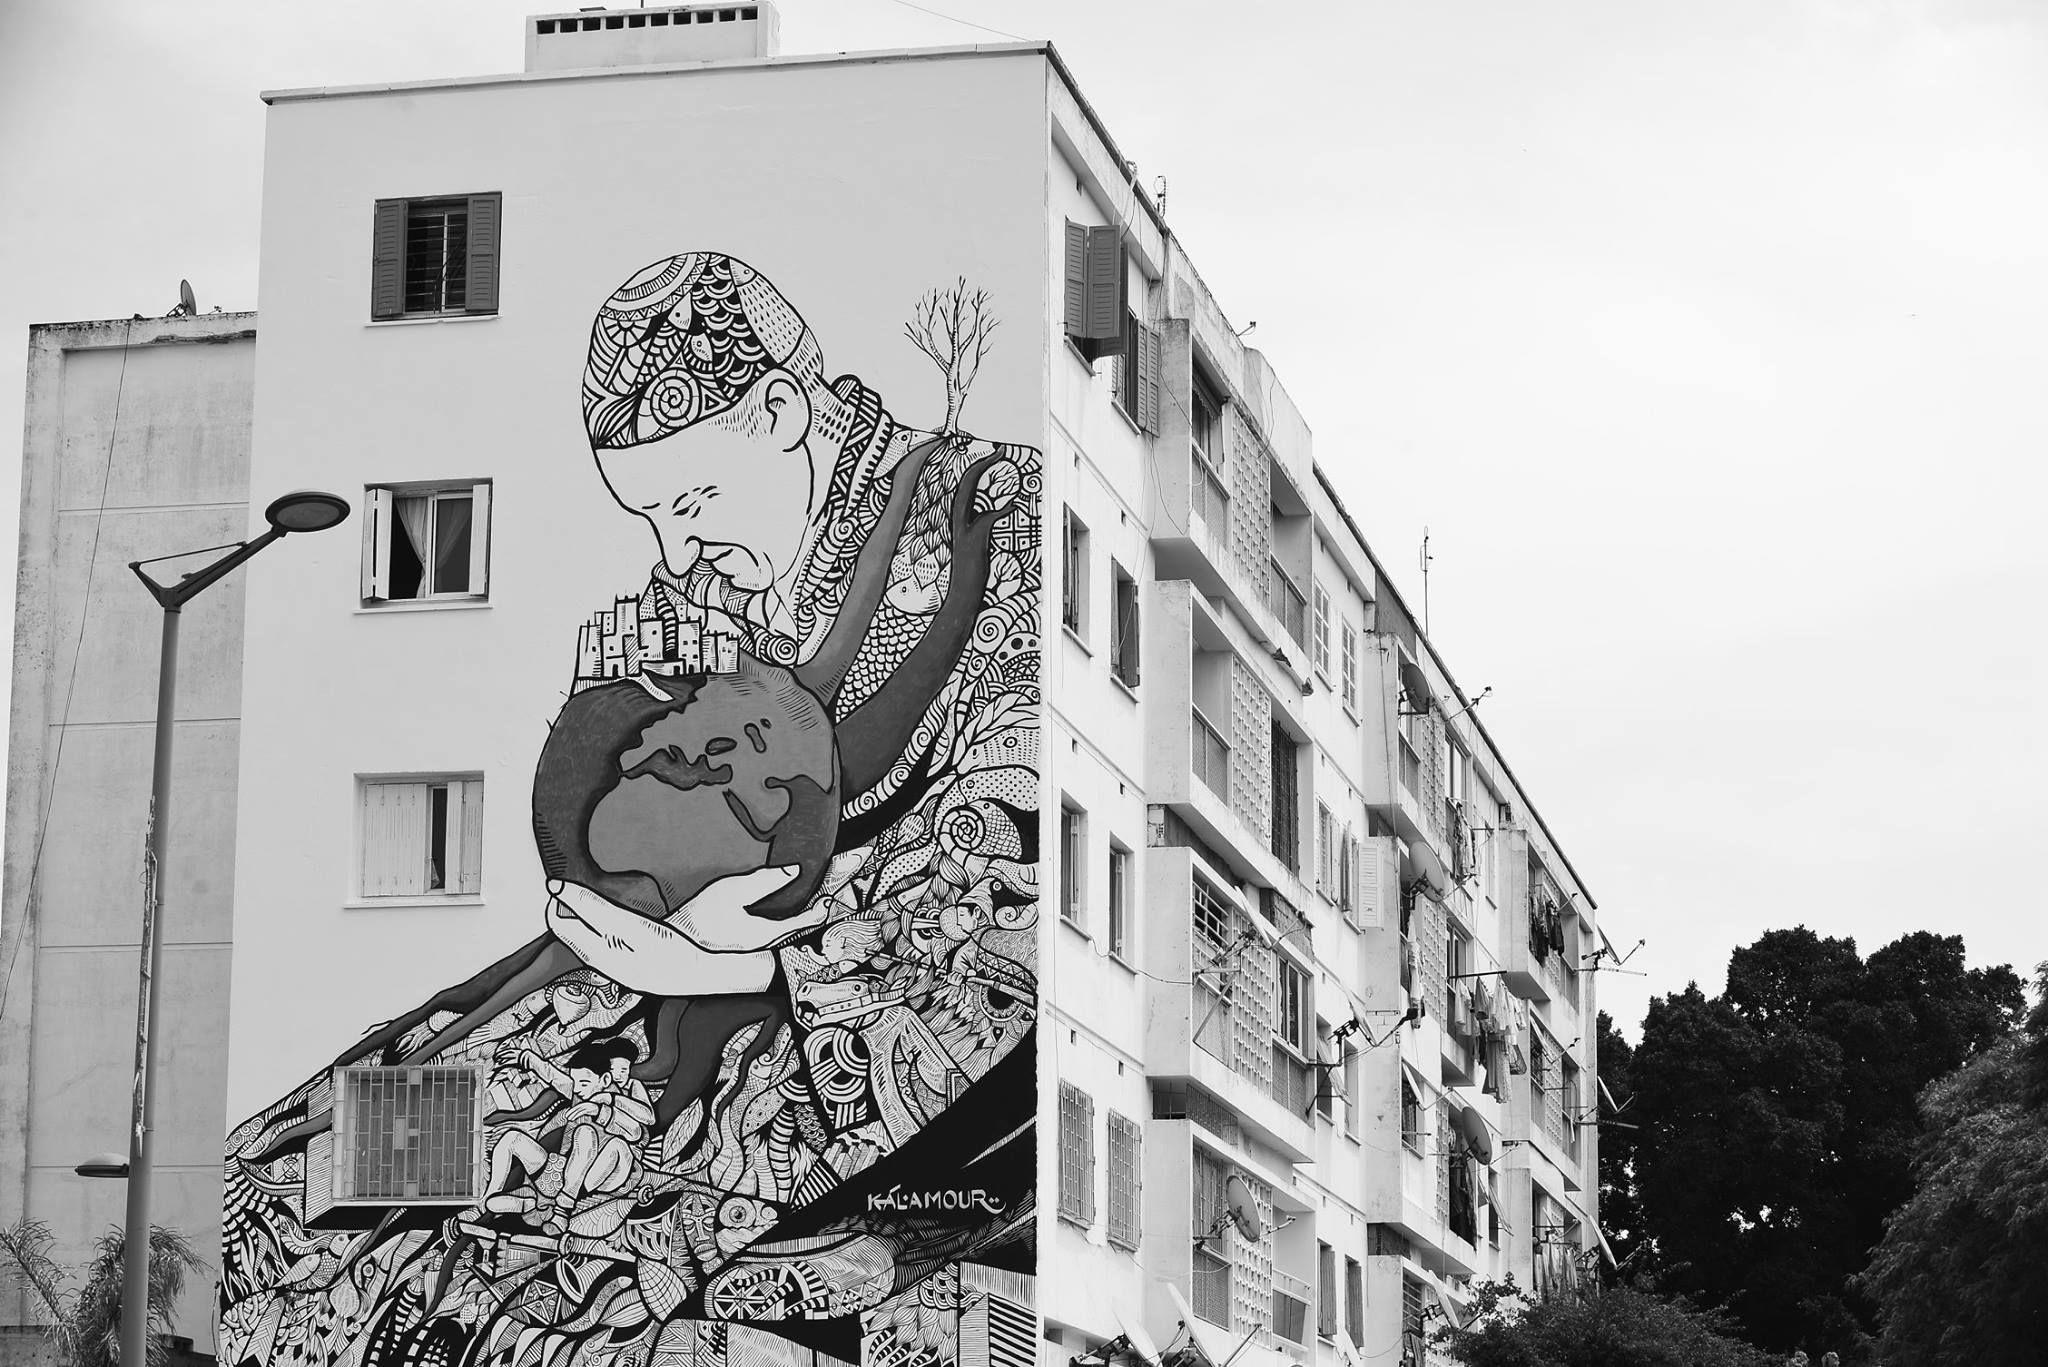 graffiti - Rabat - Jidar 2015